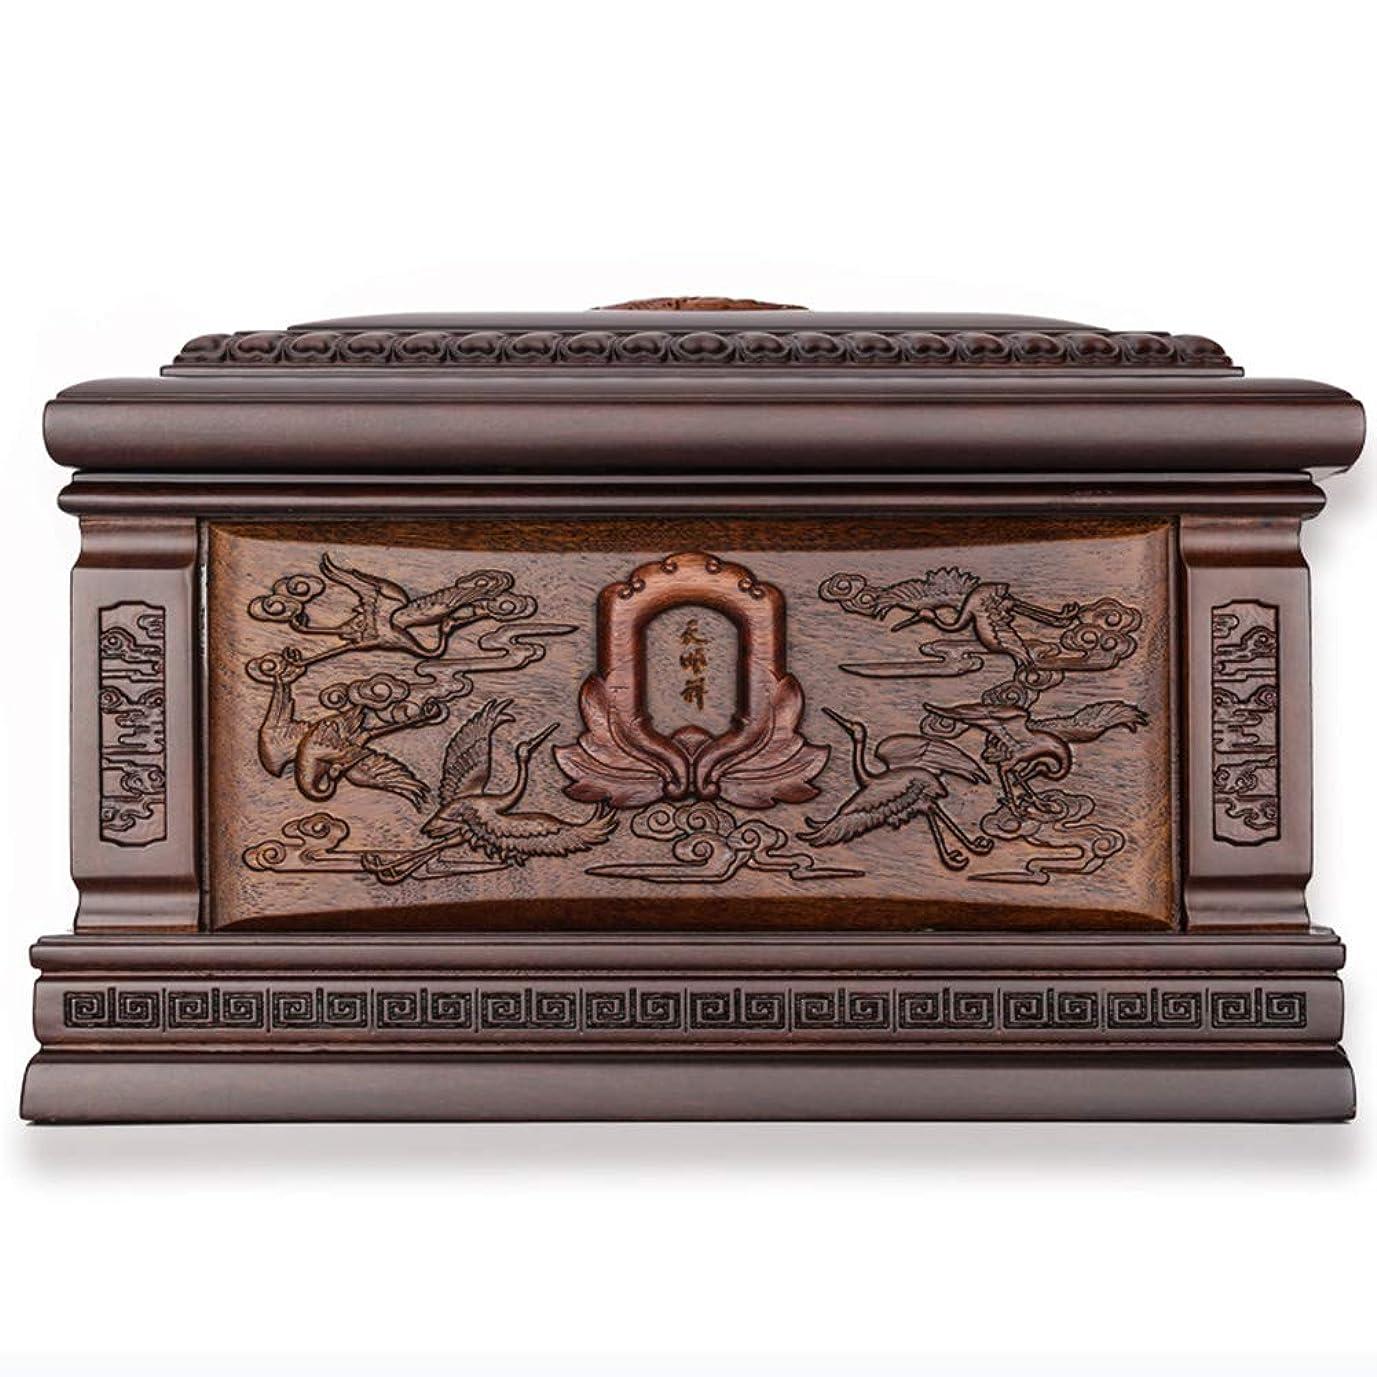 眠る読書をするポイントハイエンドの絶妙な棺、黒檀の骨壷、赤戴冠させたクレーンパターン。 外観サイズ(33×21×21CM)